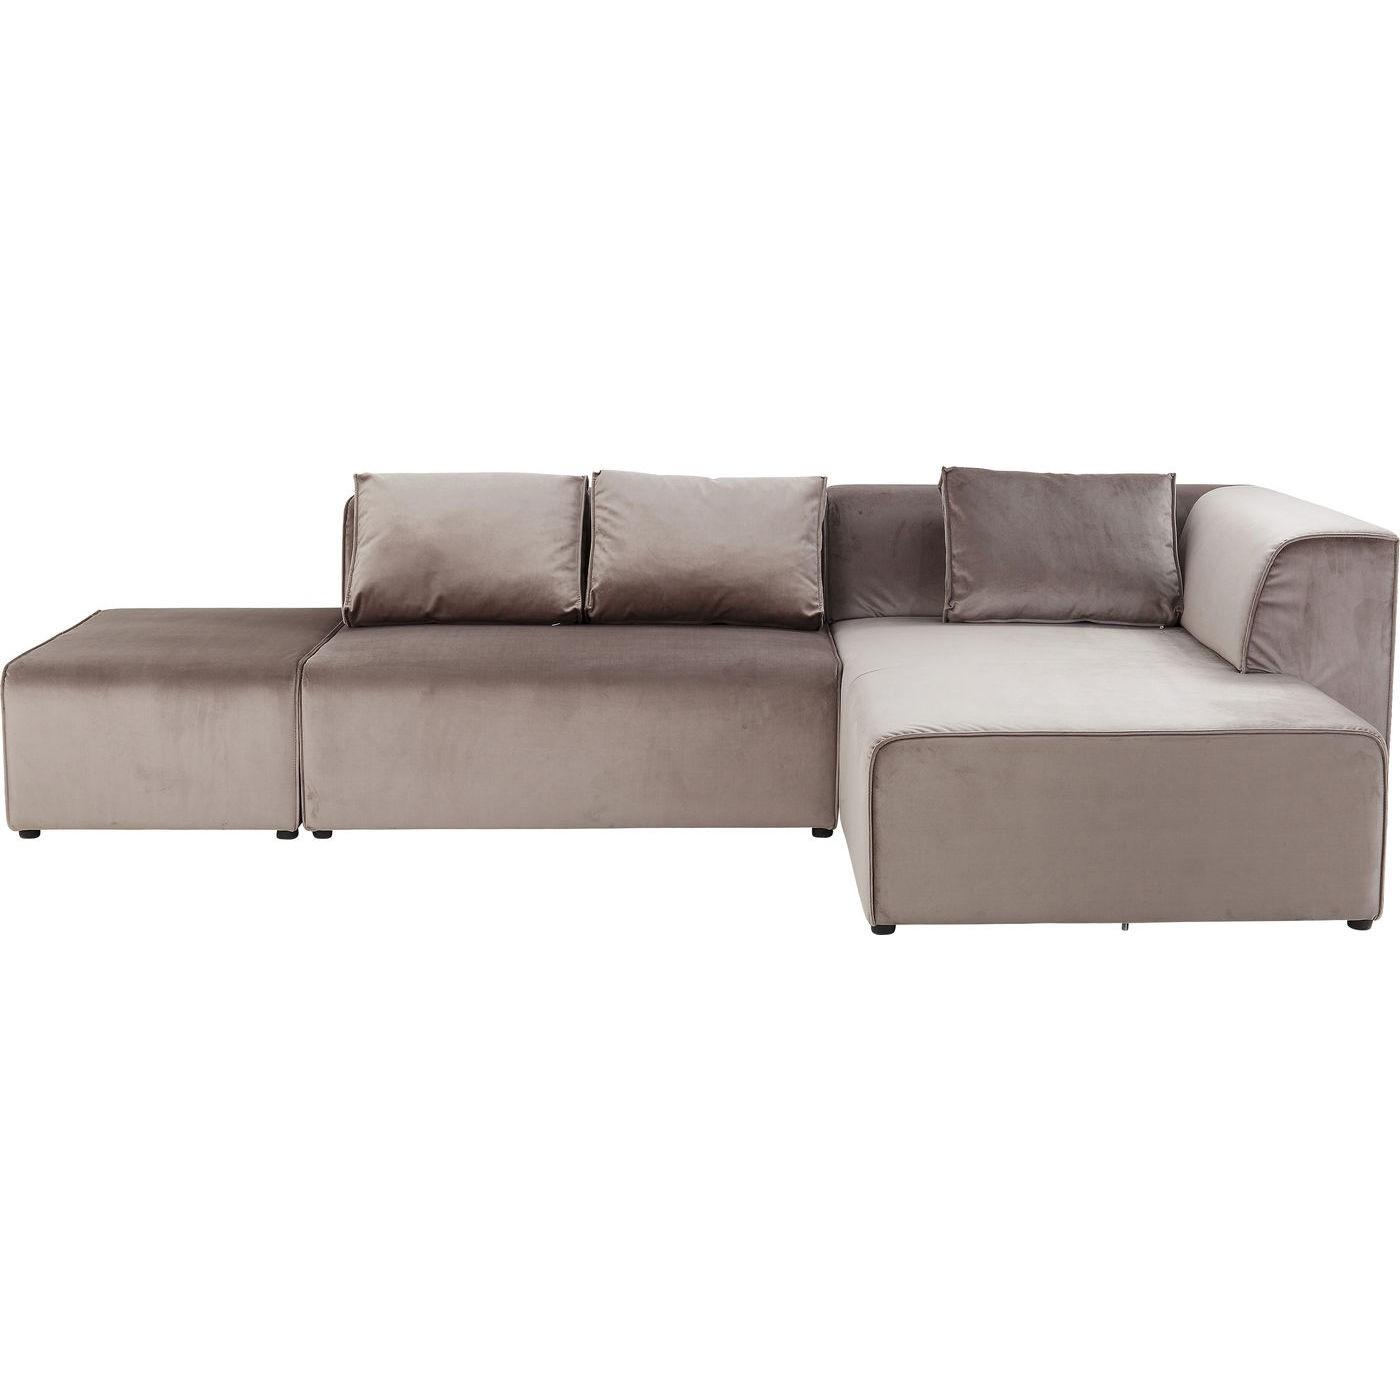 Canapé d'angle droite 4 places en velours taupe